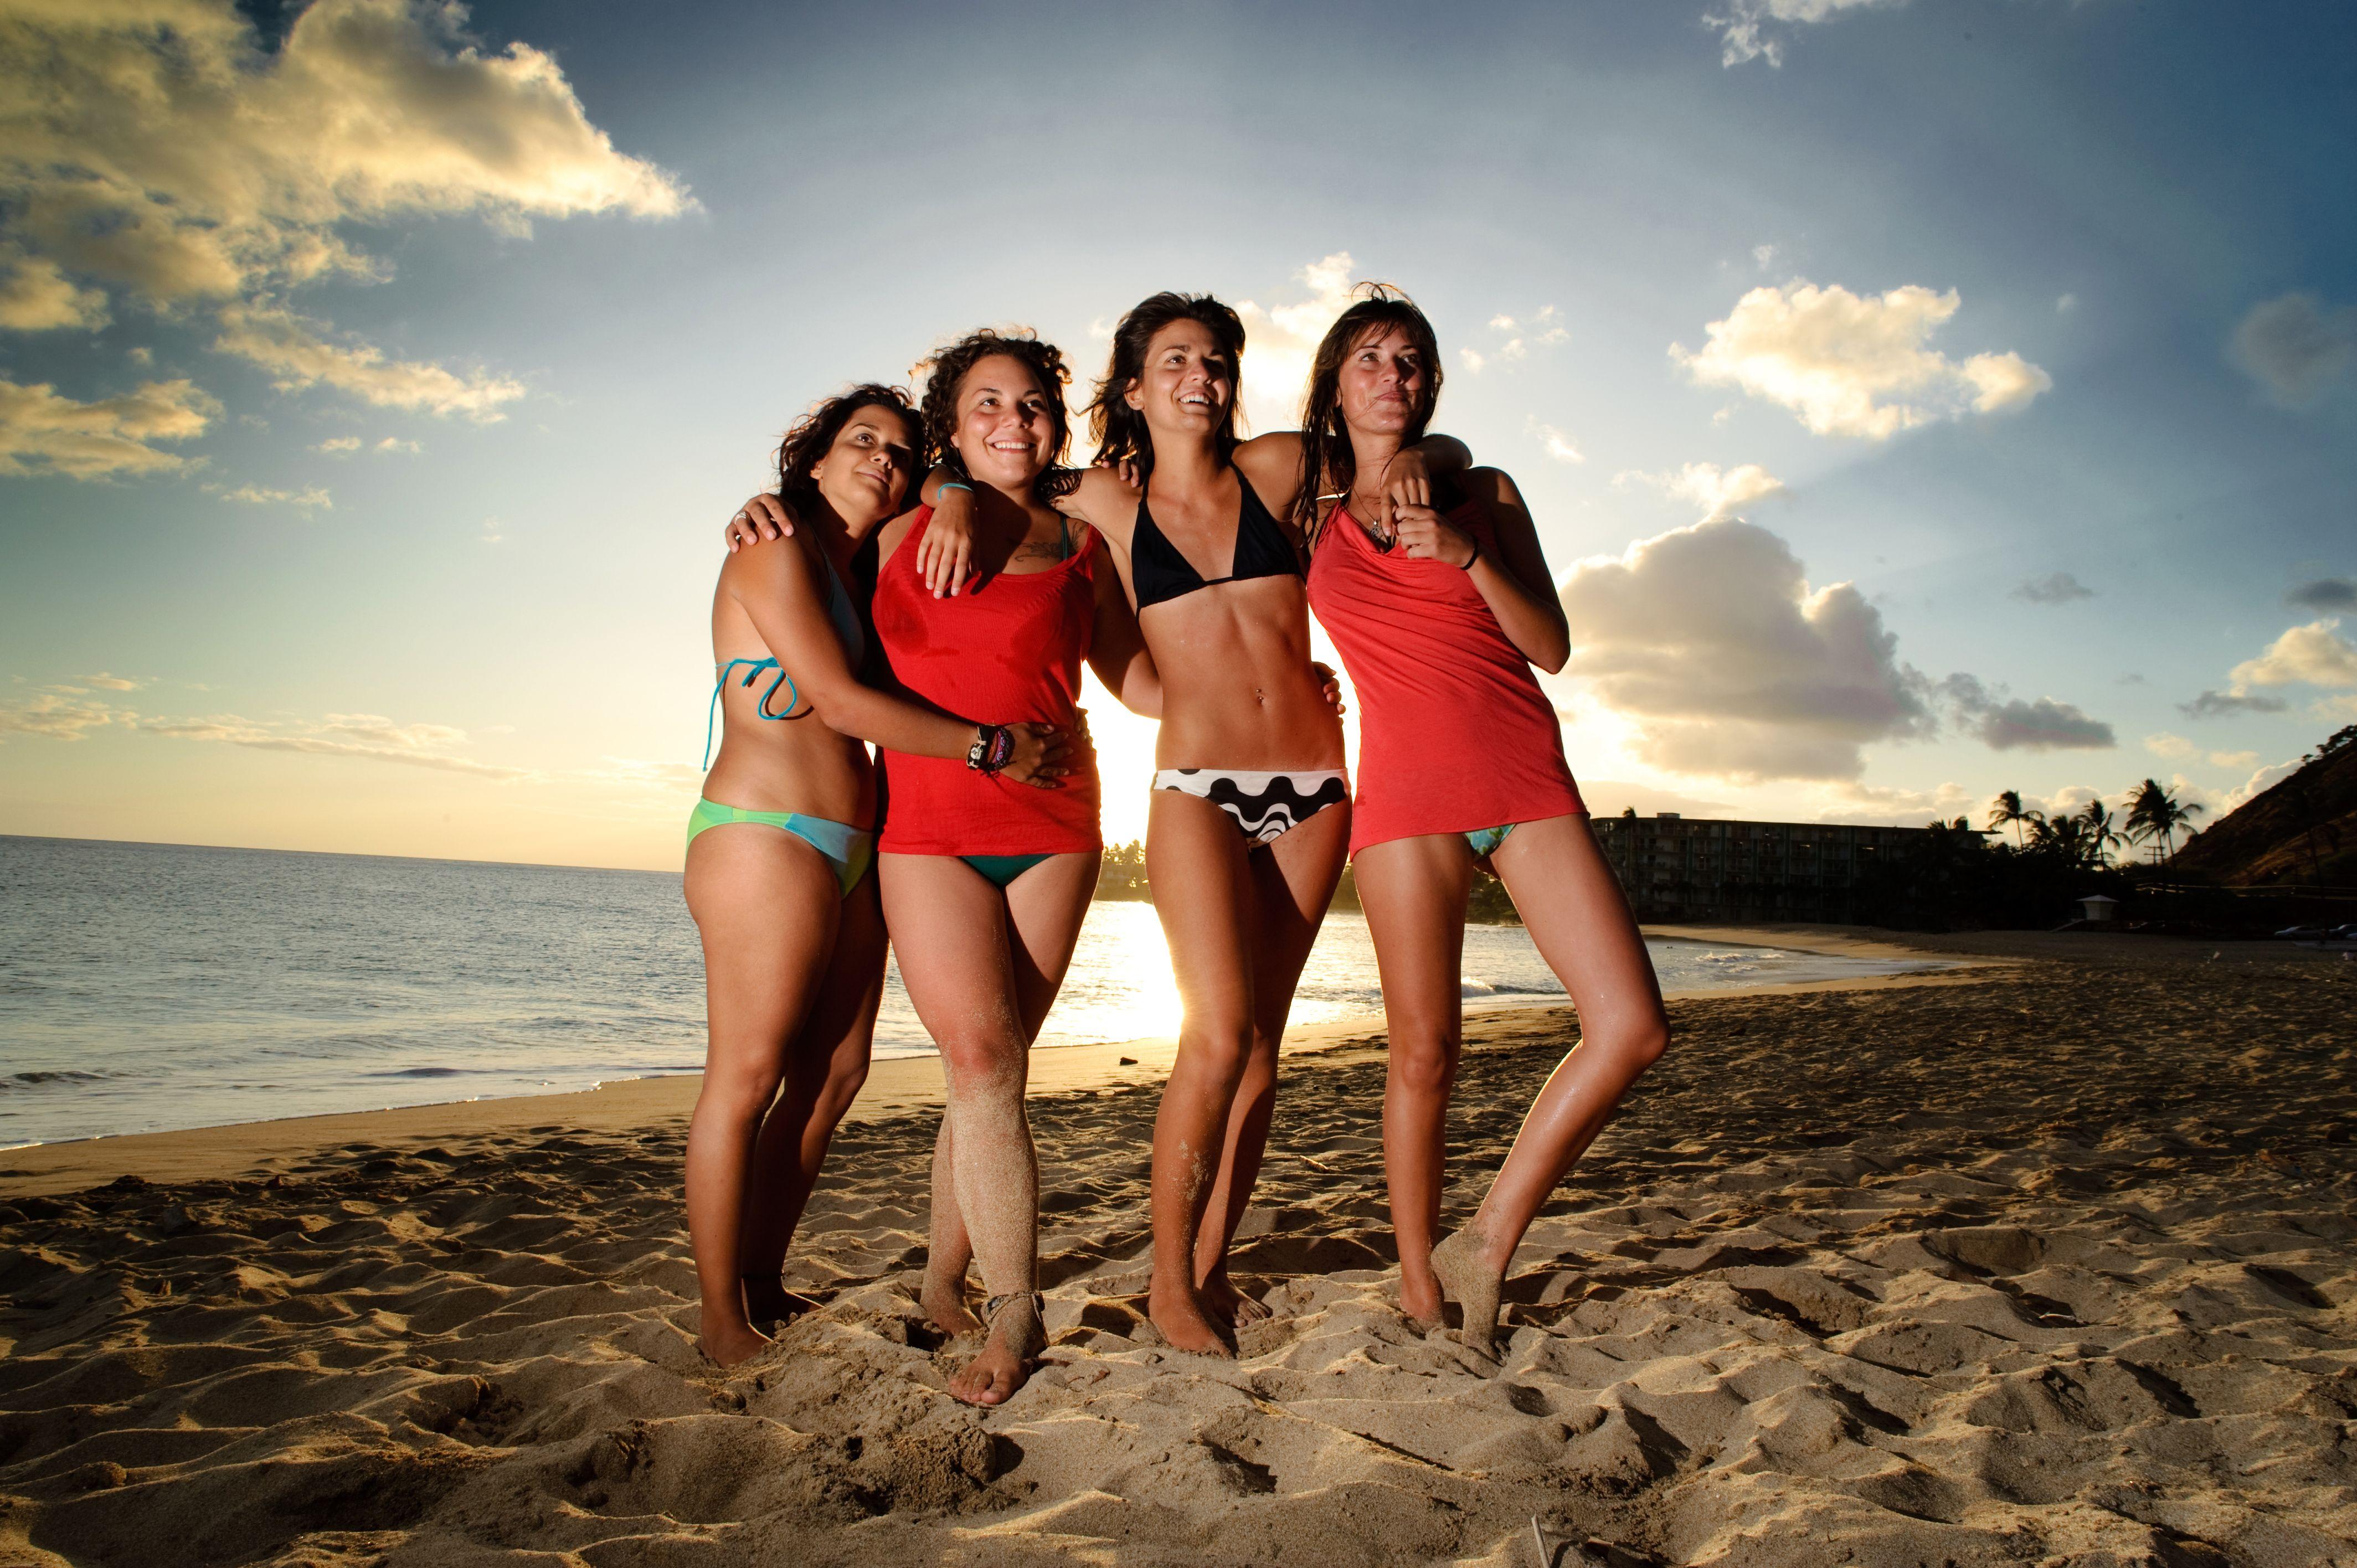 Hawaii Beach Girls doesn't matter!